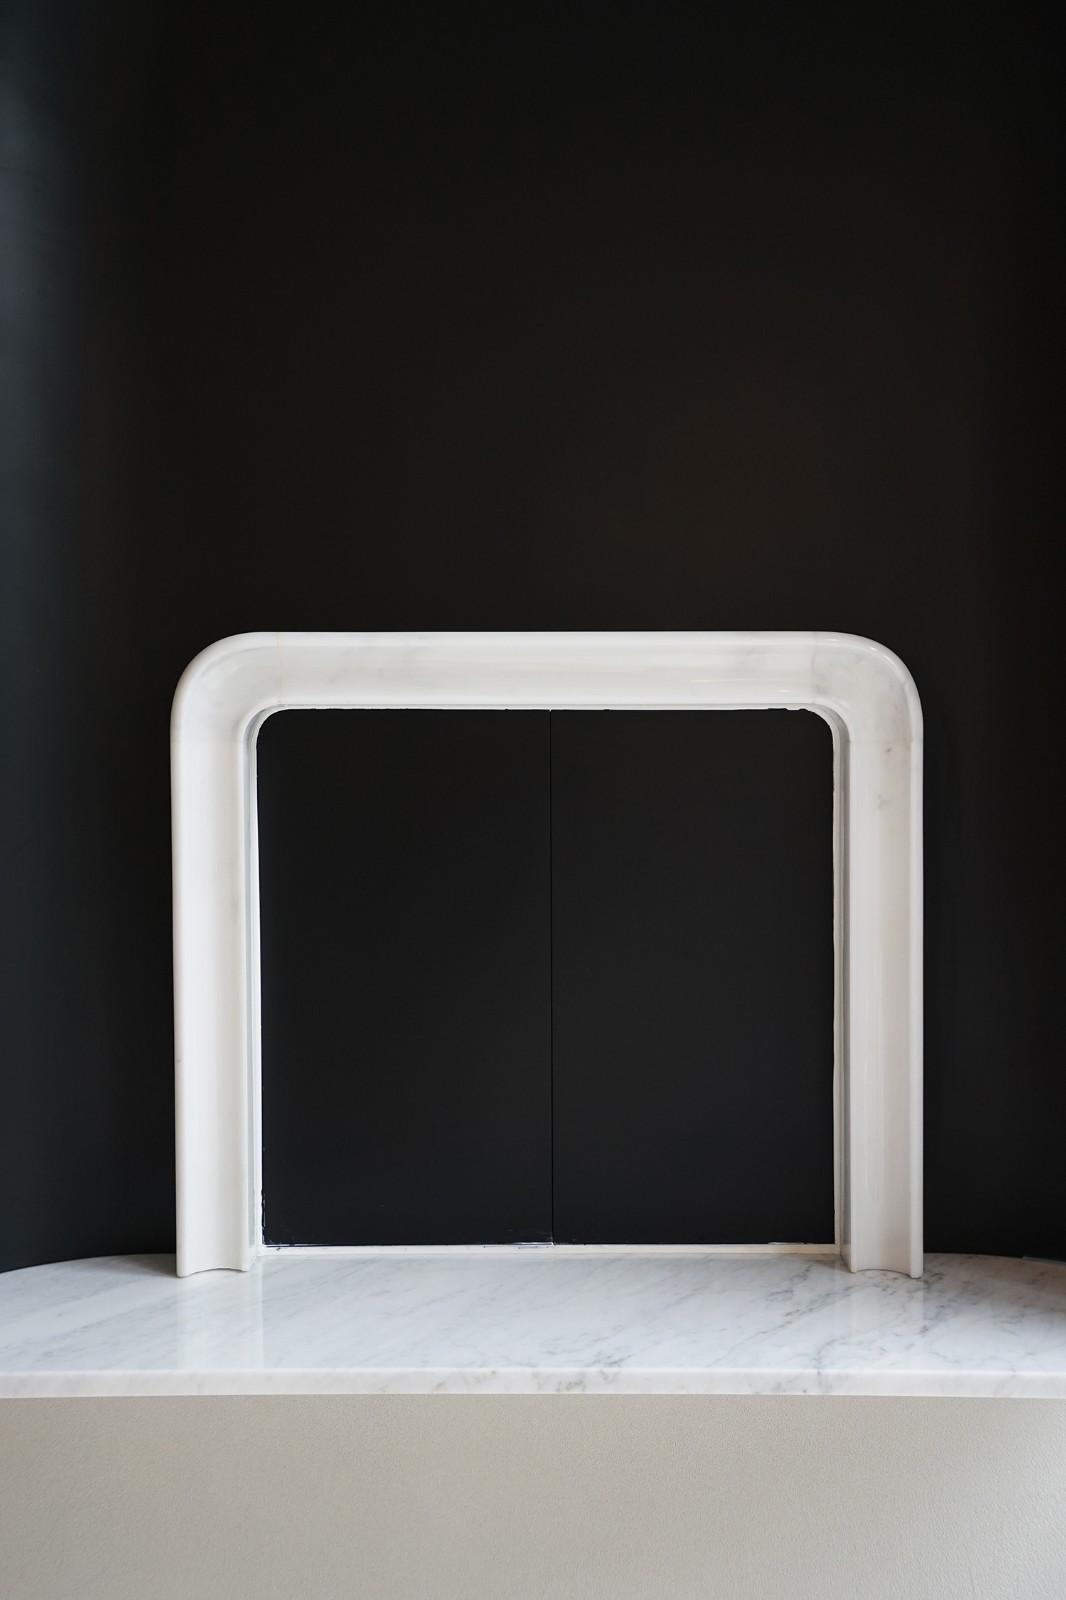 突破传统造型,空间具有温馨舒适感